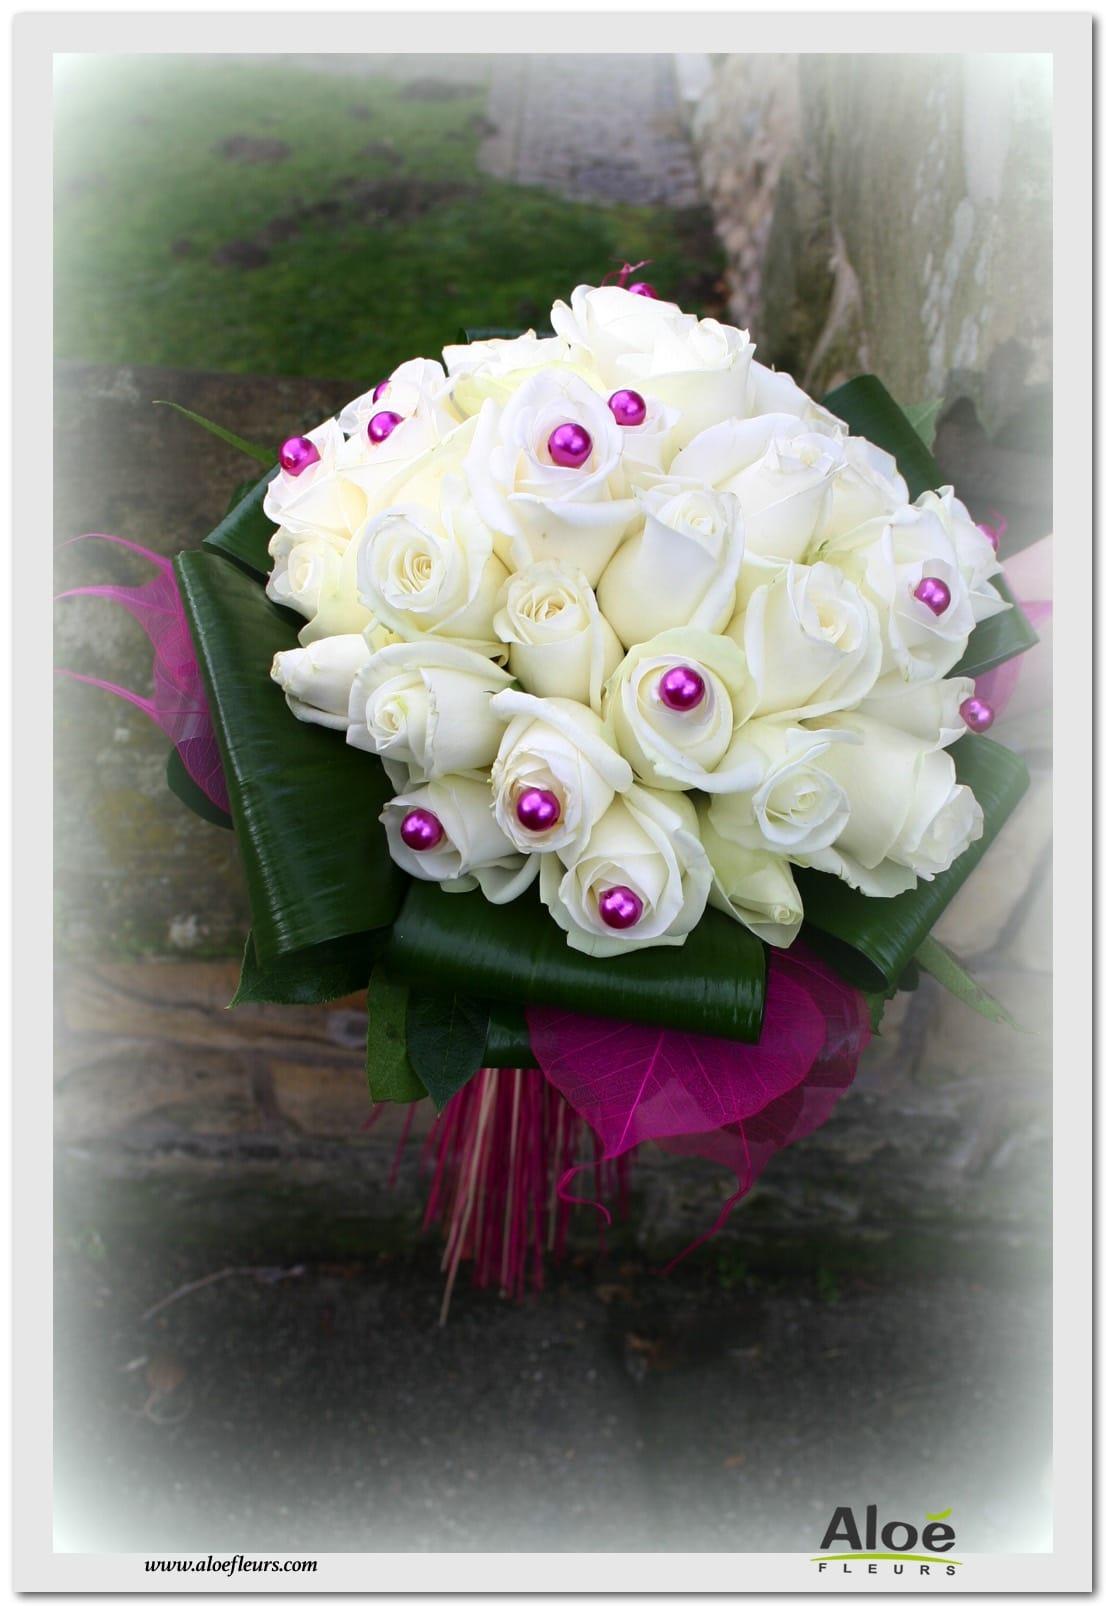 bouquets de mari e rond en images page 1 aloe fleurs. Black Bedroom Furniture Sets. Home Design Ideas